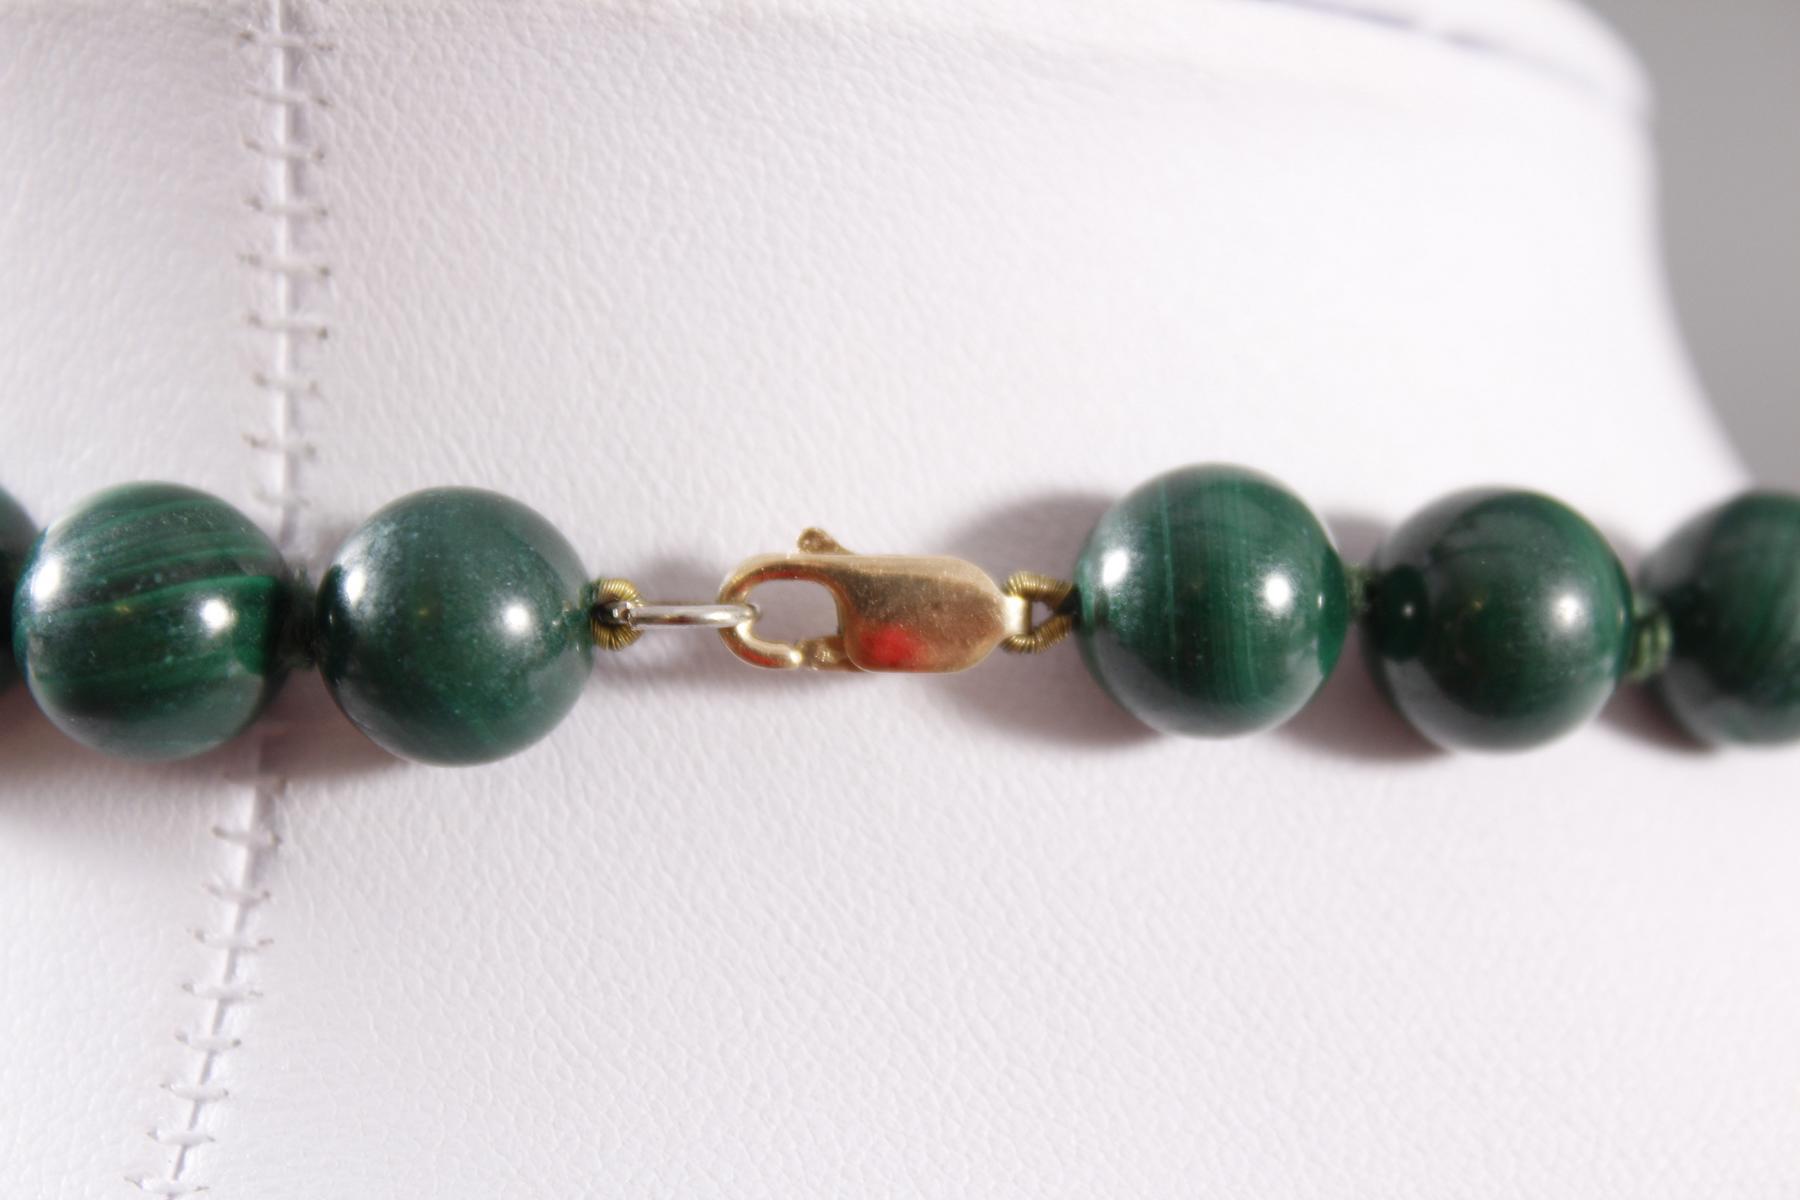 Halskette aus Malachit, 8 Karat Karabinerschließe-2